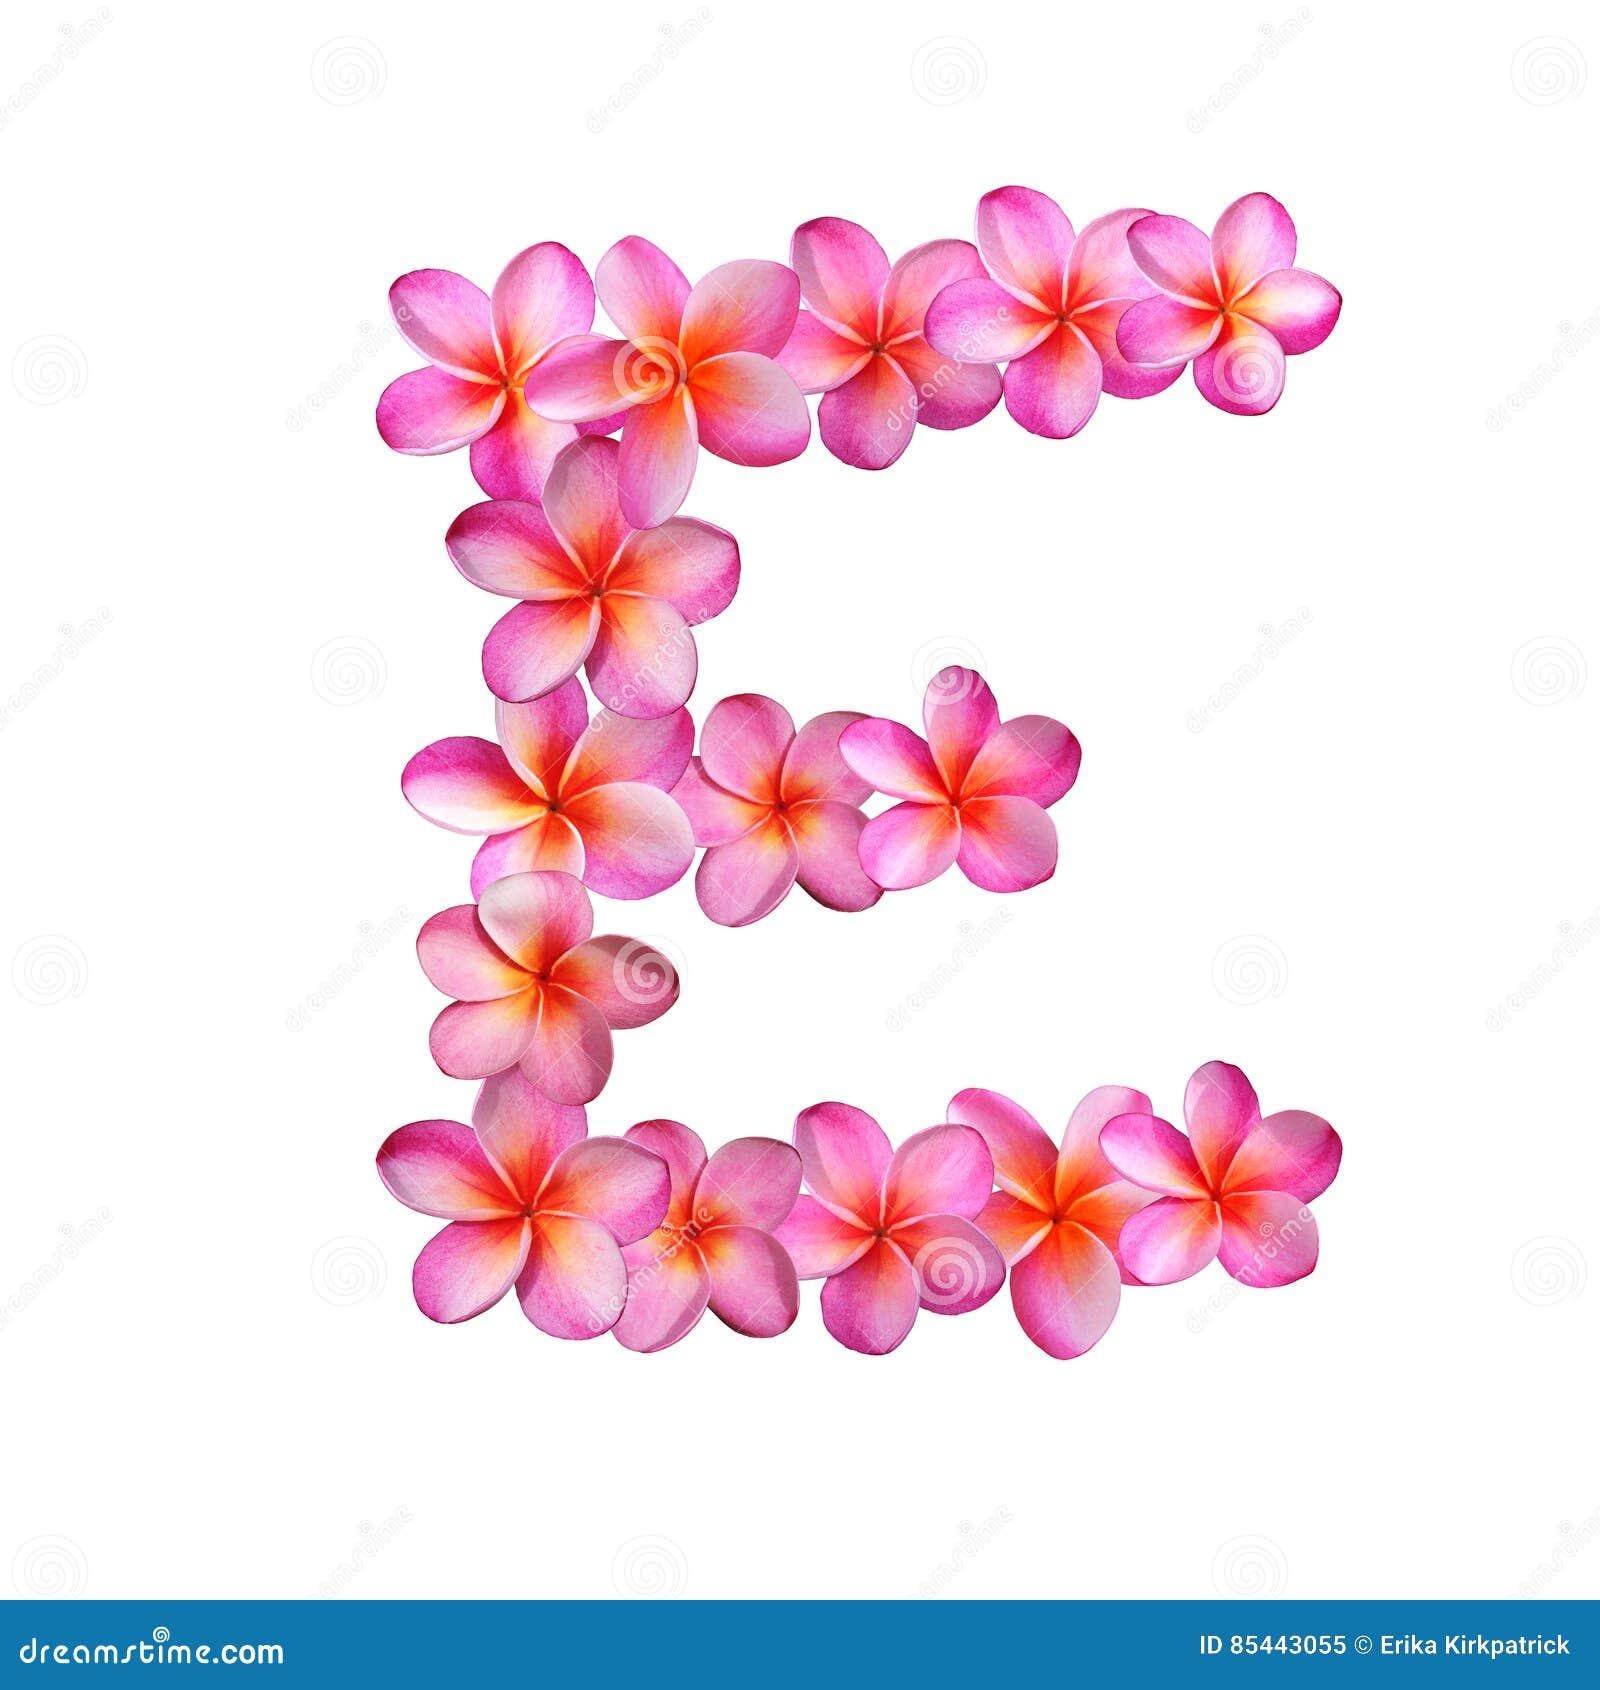 Pink Plumeria Flowers Letter E Stock Illustration - Illustration of ...